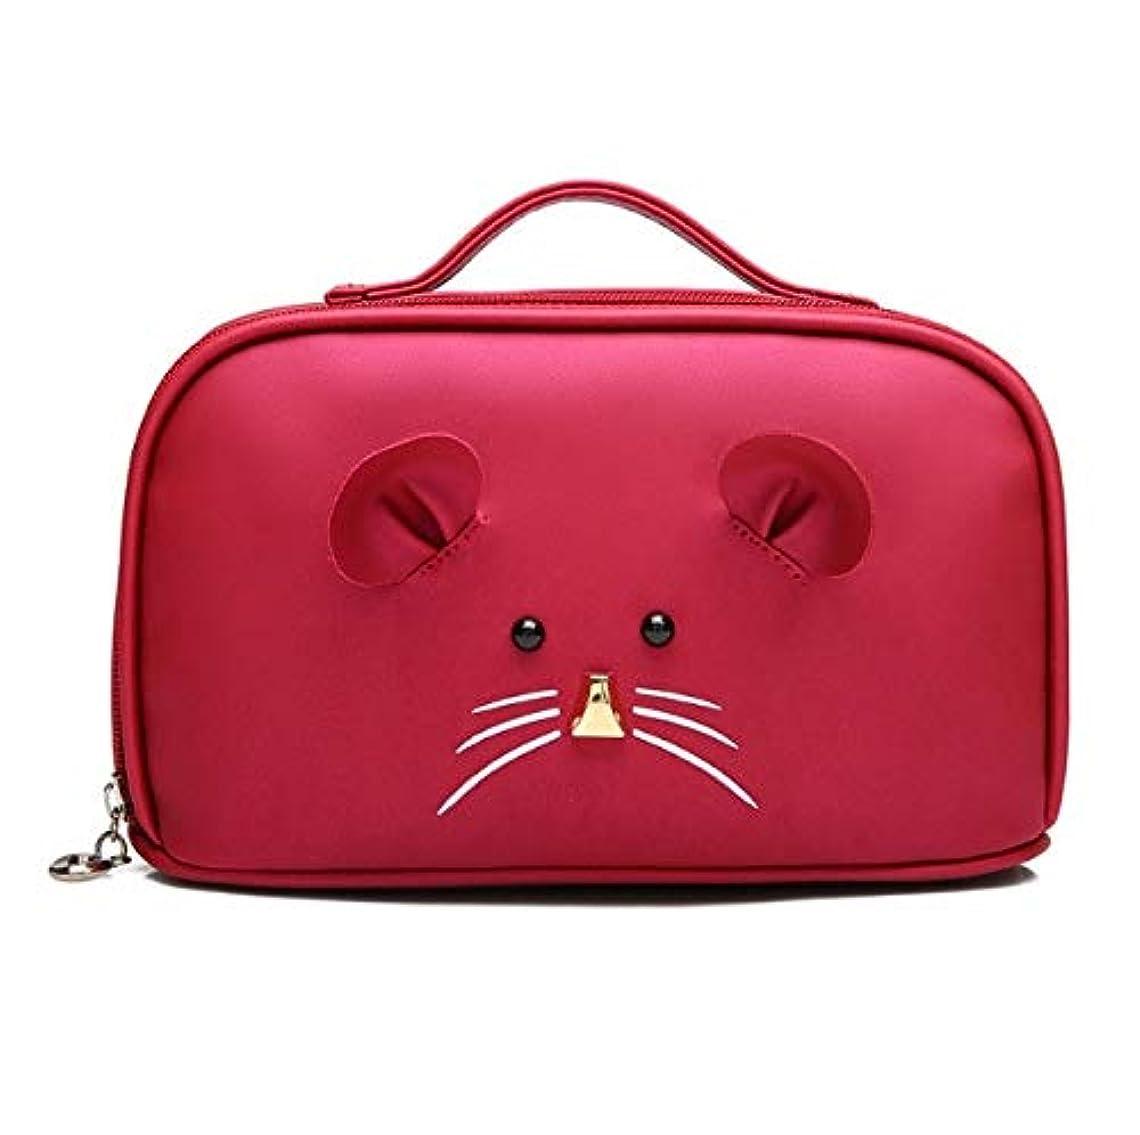 振り子補充反逆者化粧箱、大容量漫画マウス化粧品ケース、ポータブル旅行化粧品ケース、美容ネイルジュエリー収納ボックス (Color : Red)